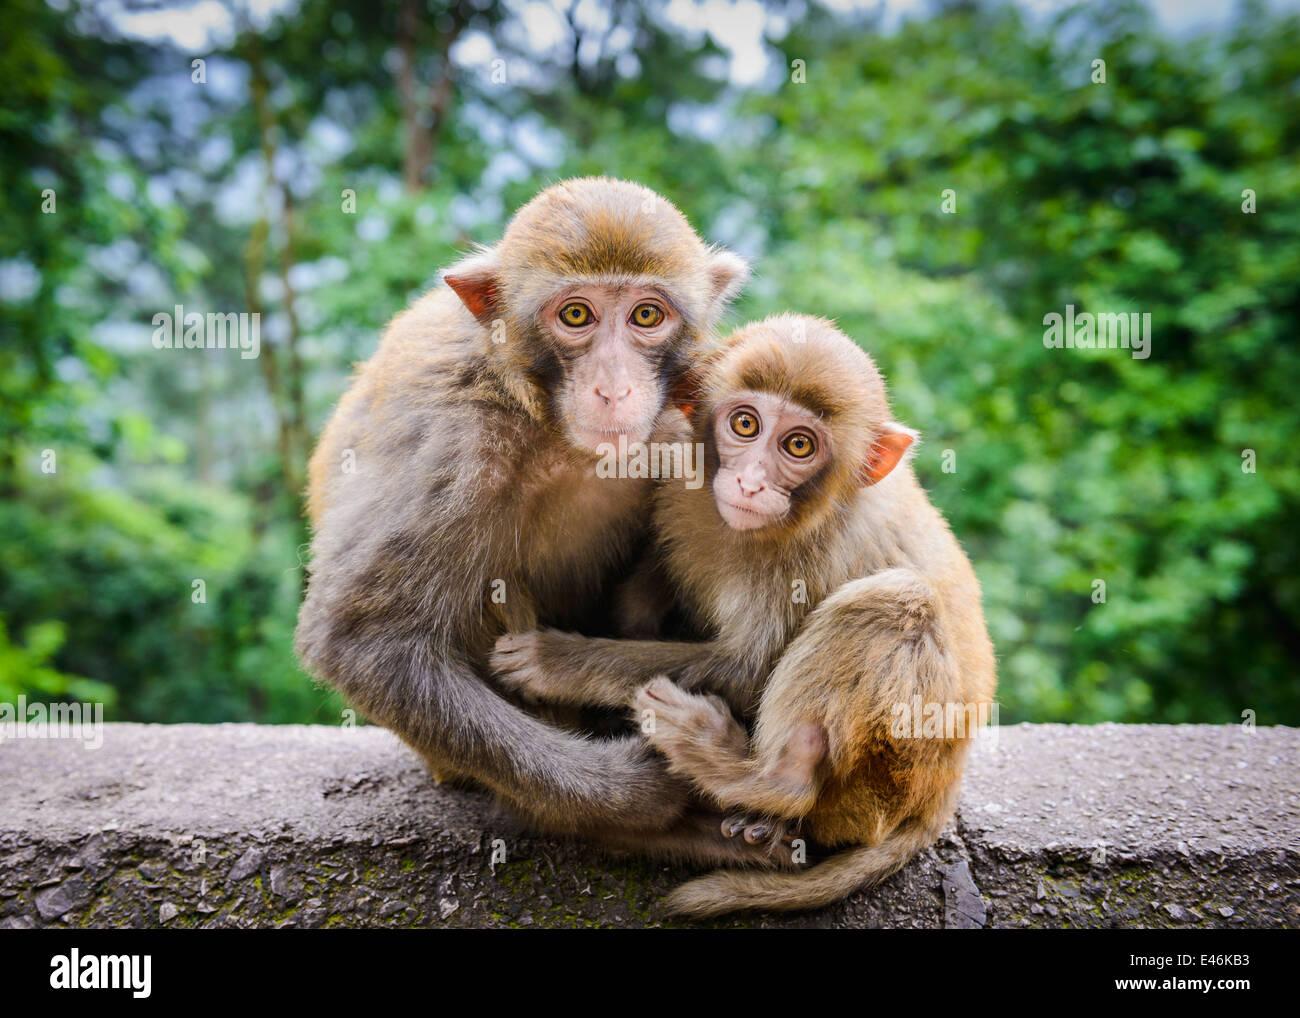 Los macacos en Guiyang, China. Imagen De Stock